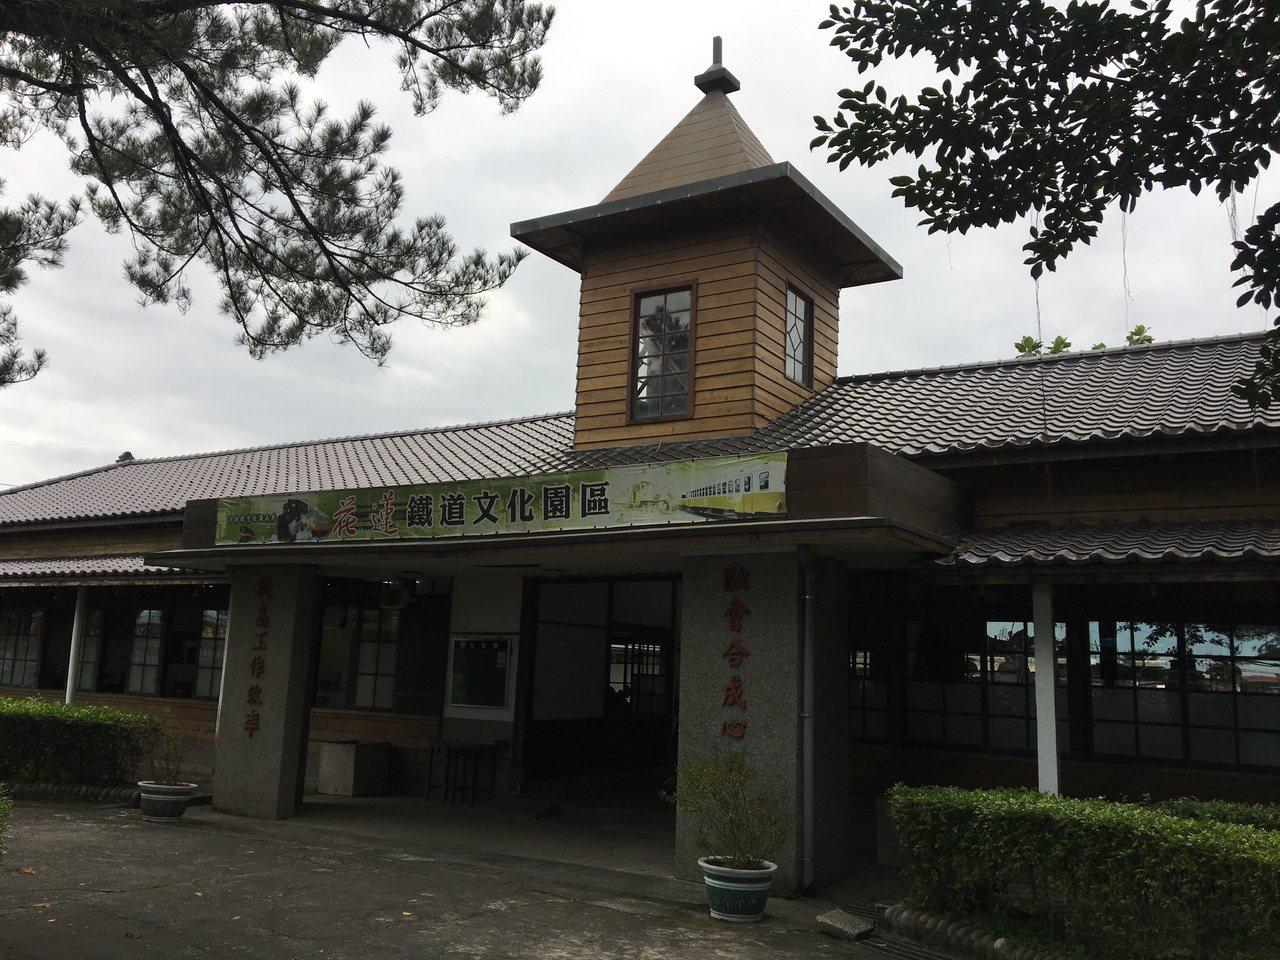 花蓮鐵道文化園區1館的建築是洋式尖塔造型的屋頂,非常特殊且優美。記者徐庭揚/攝影